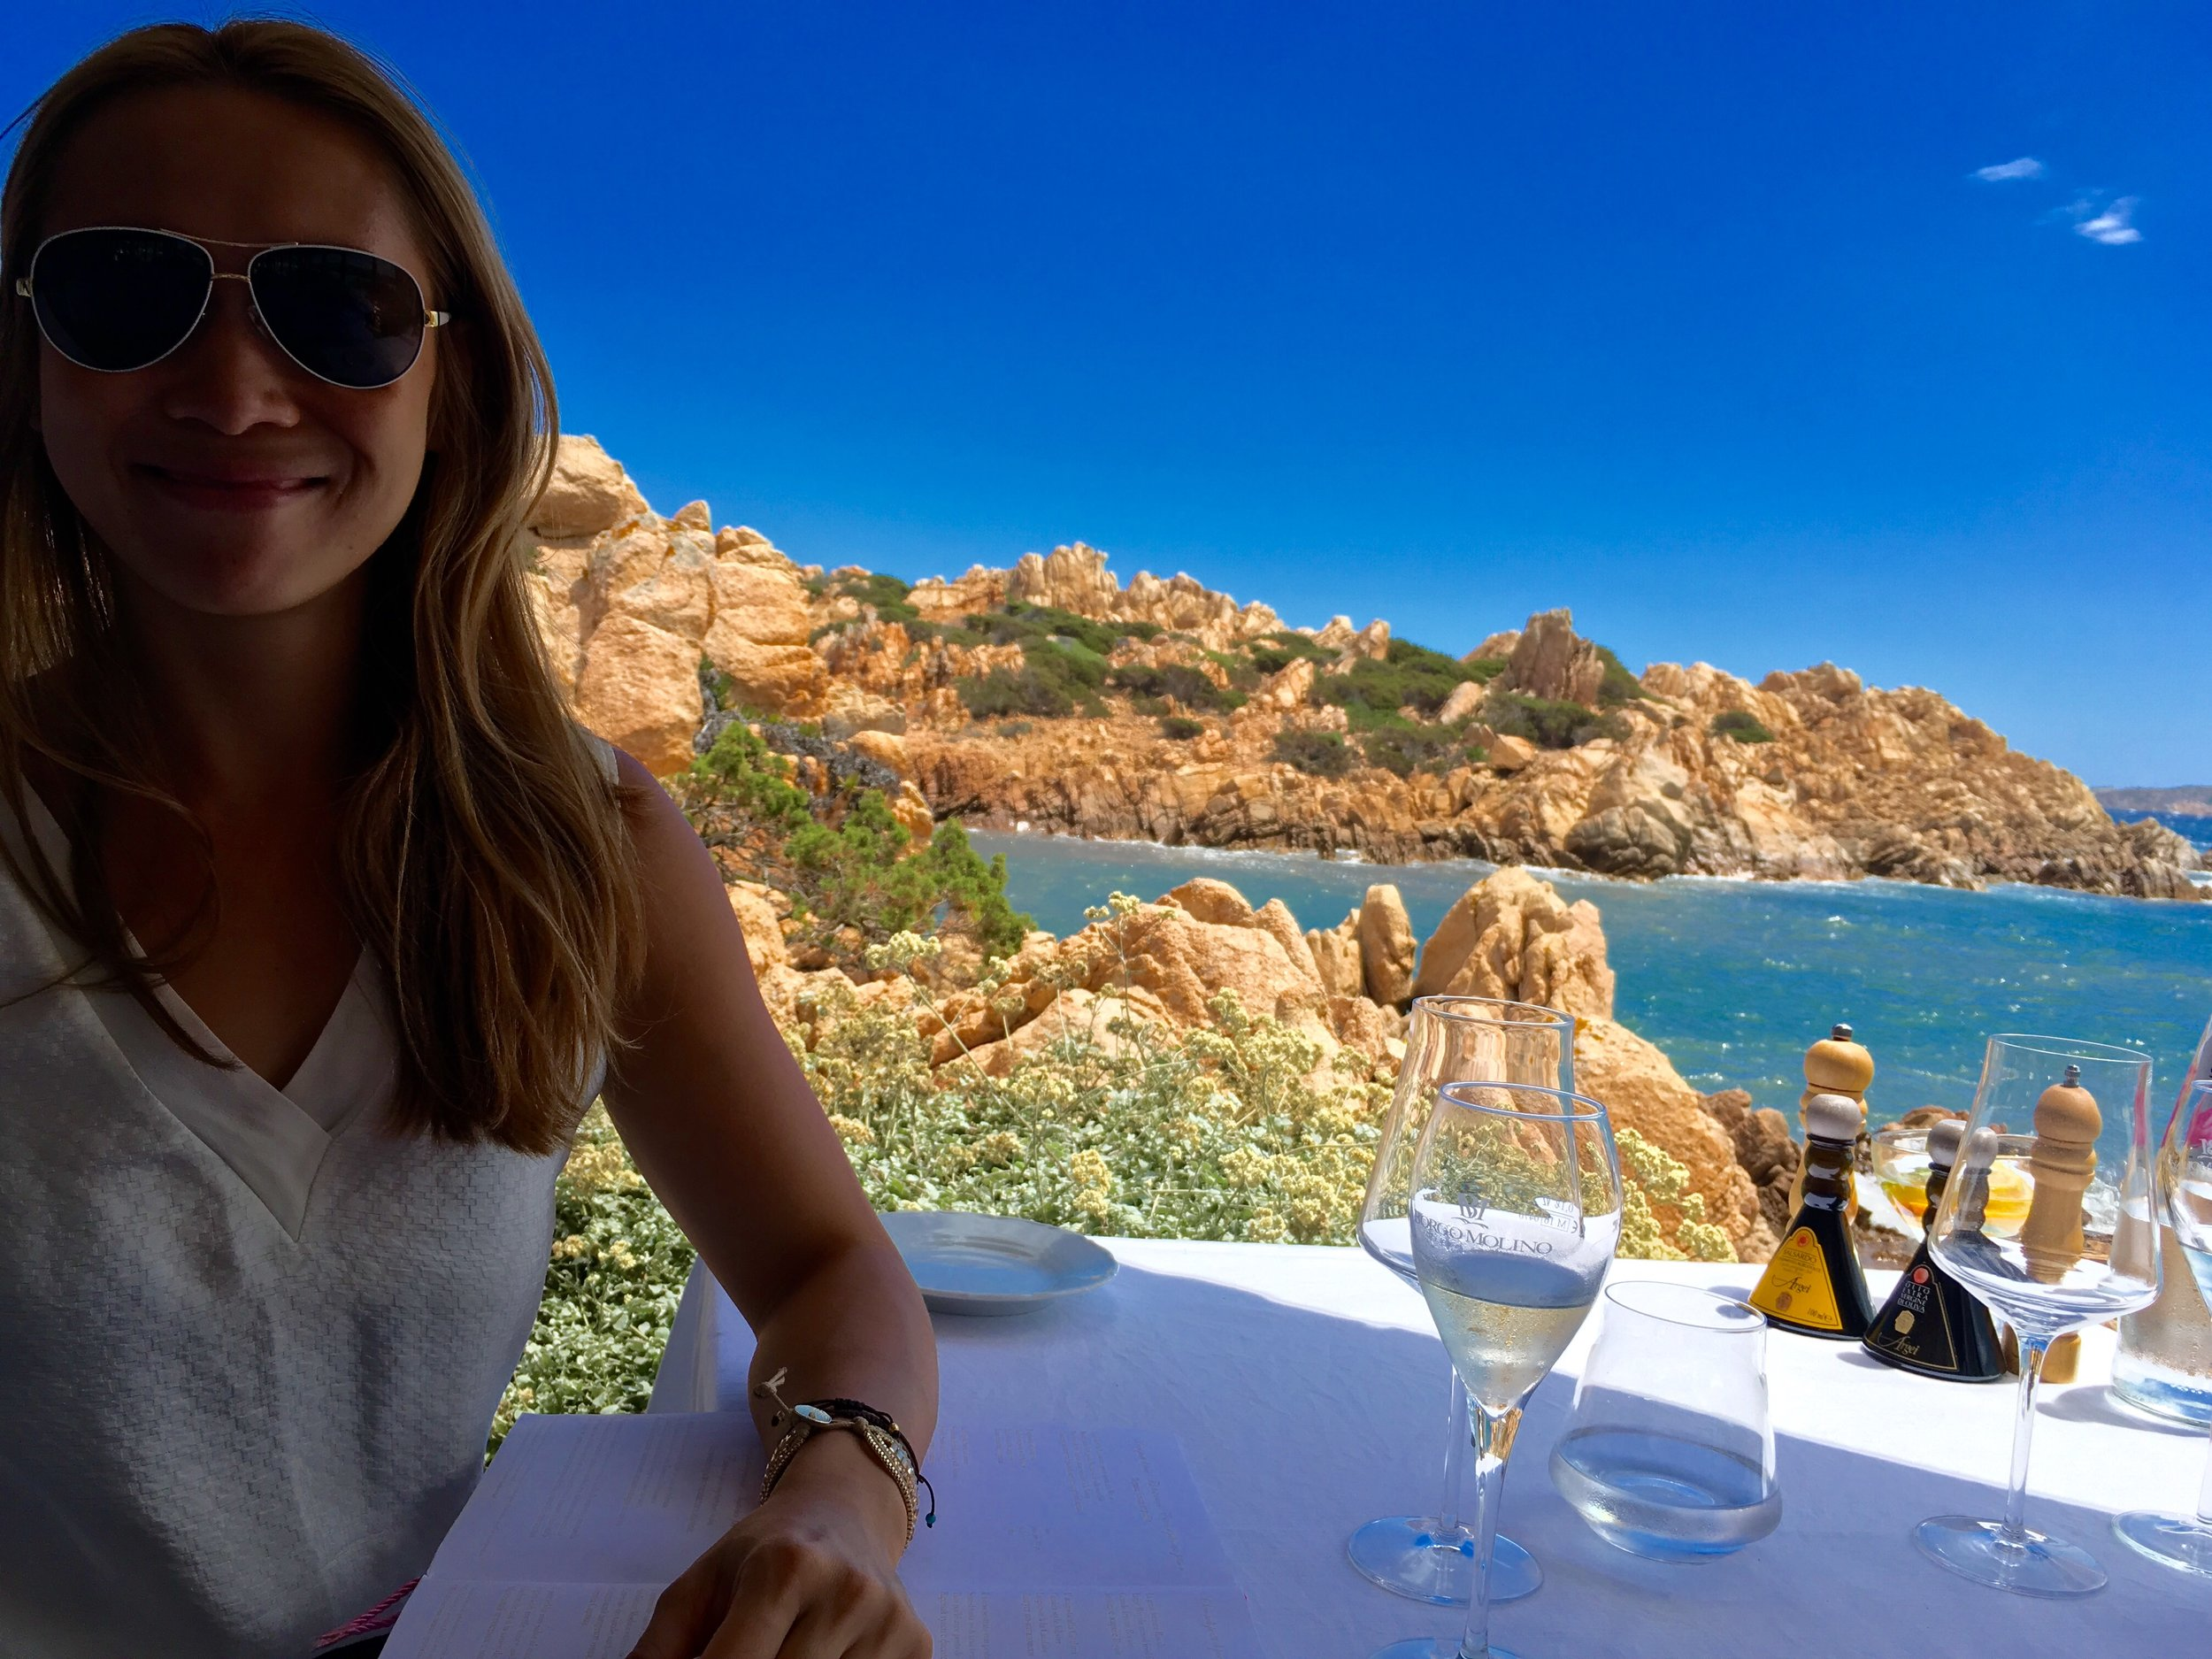 Lunch at La Scogliera